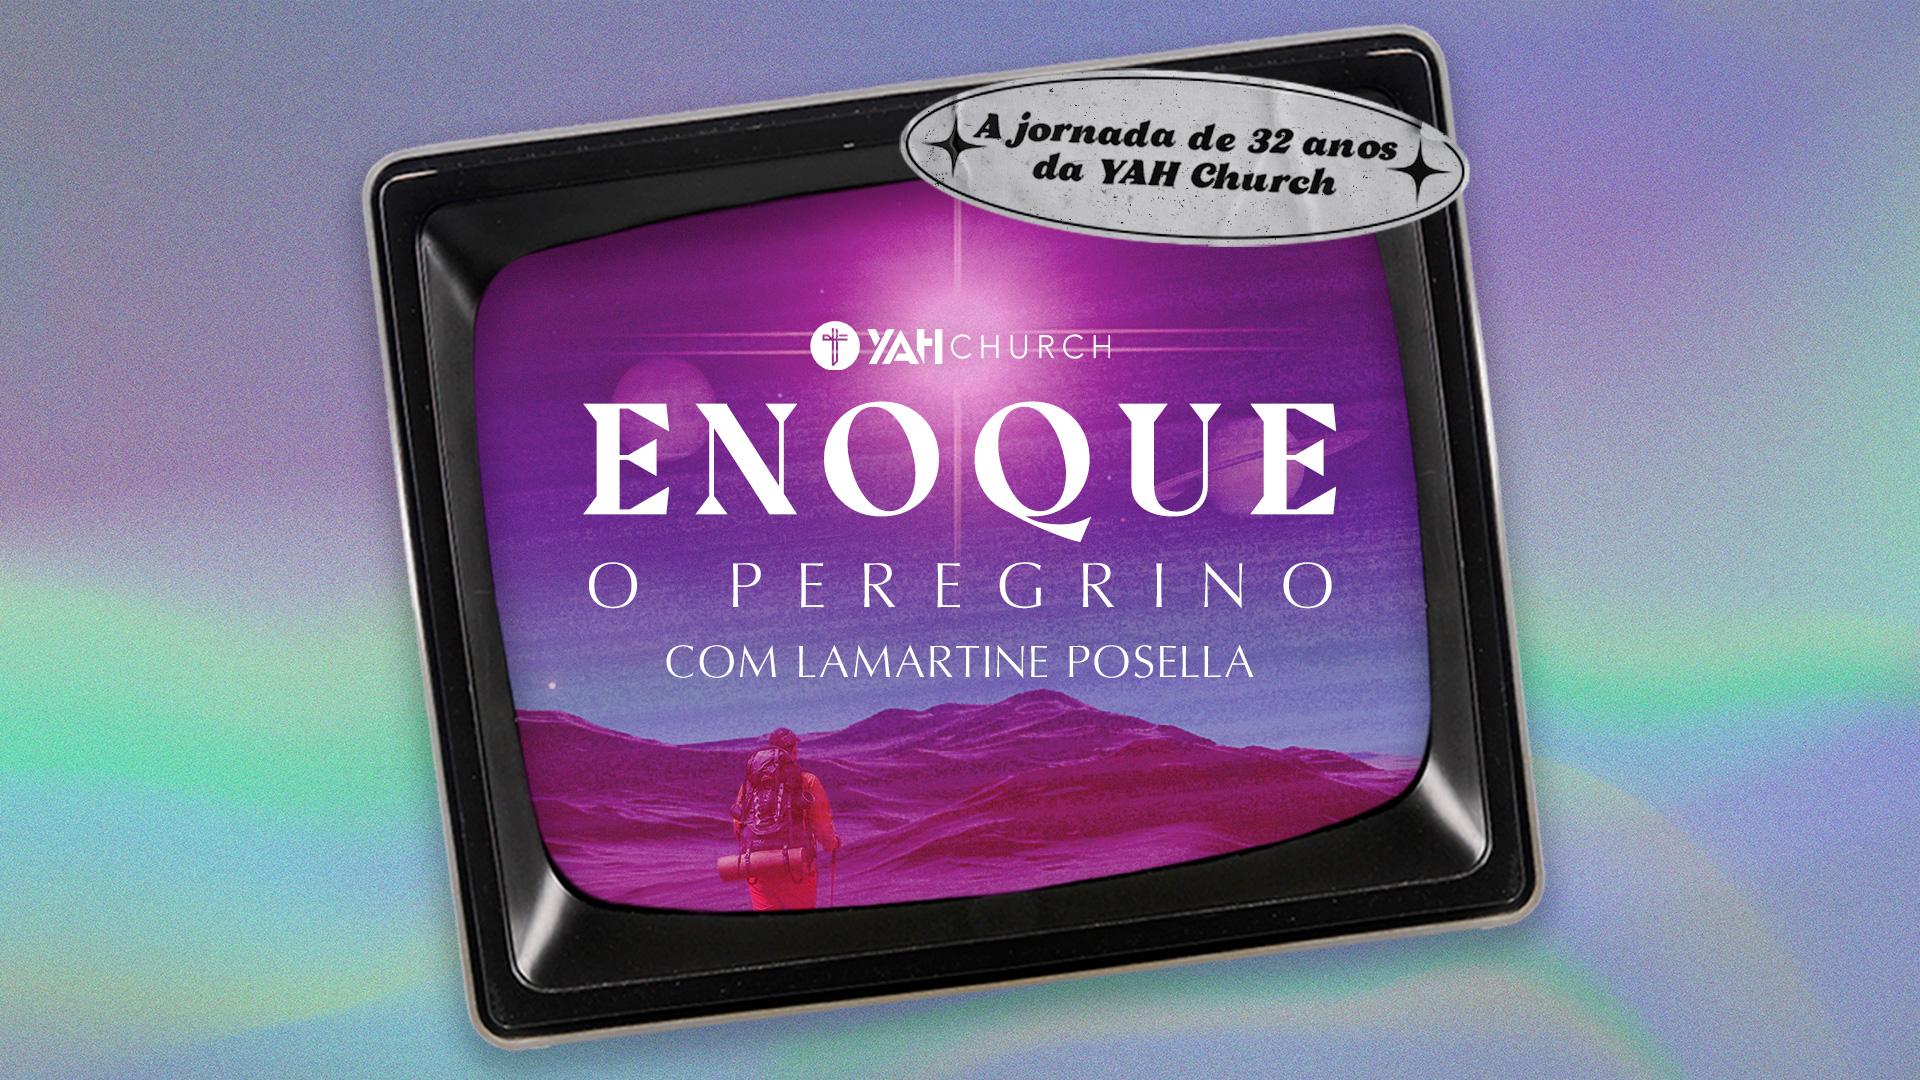 Enoque, o peregrino